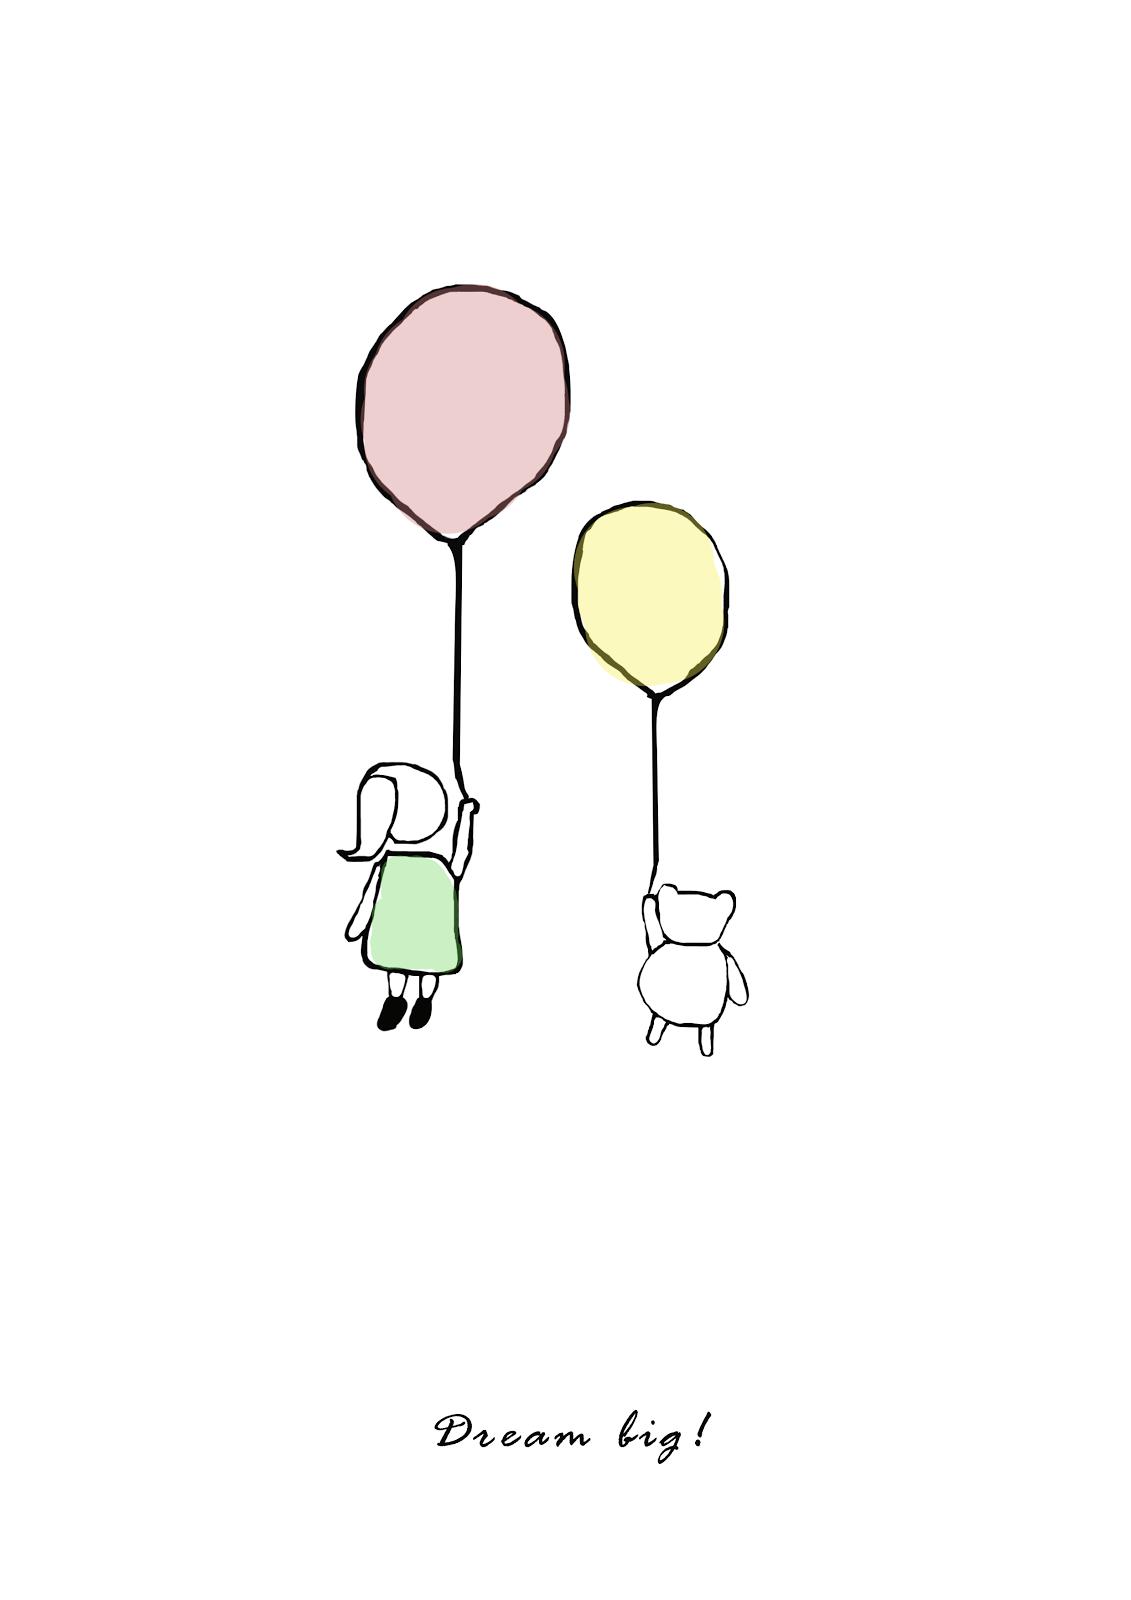 darmowa grafika plakat dziewczynka z balonem